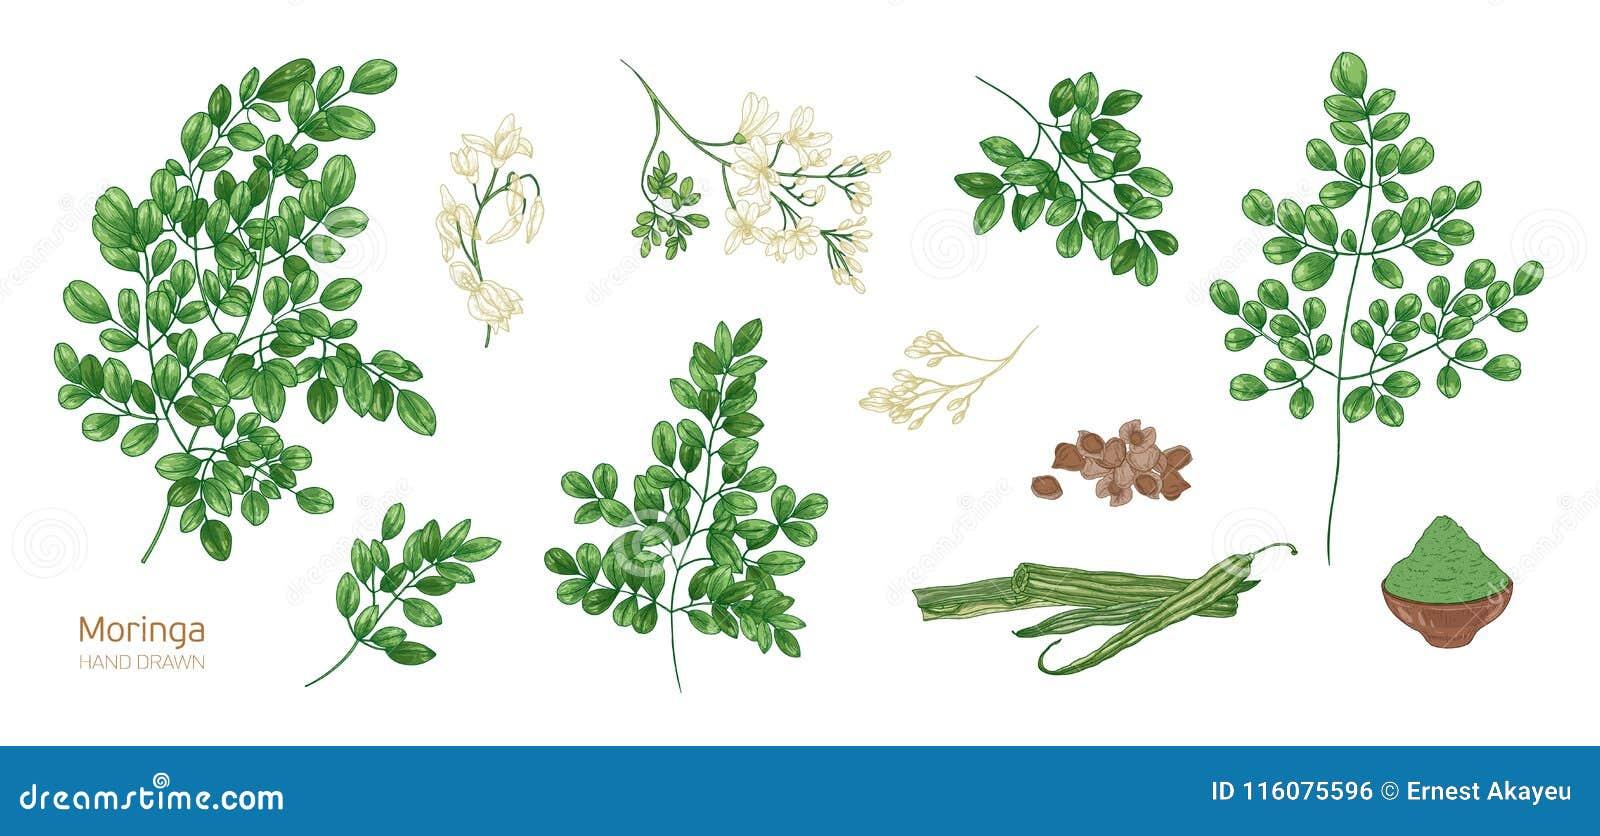 La Colección De Dibujos Botánicos Detallados Elegantes De La